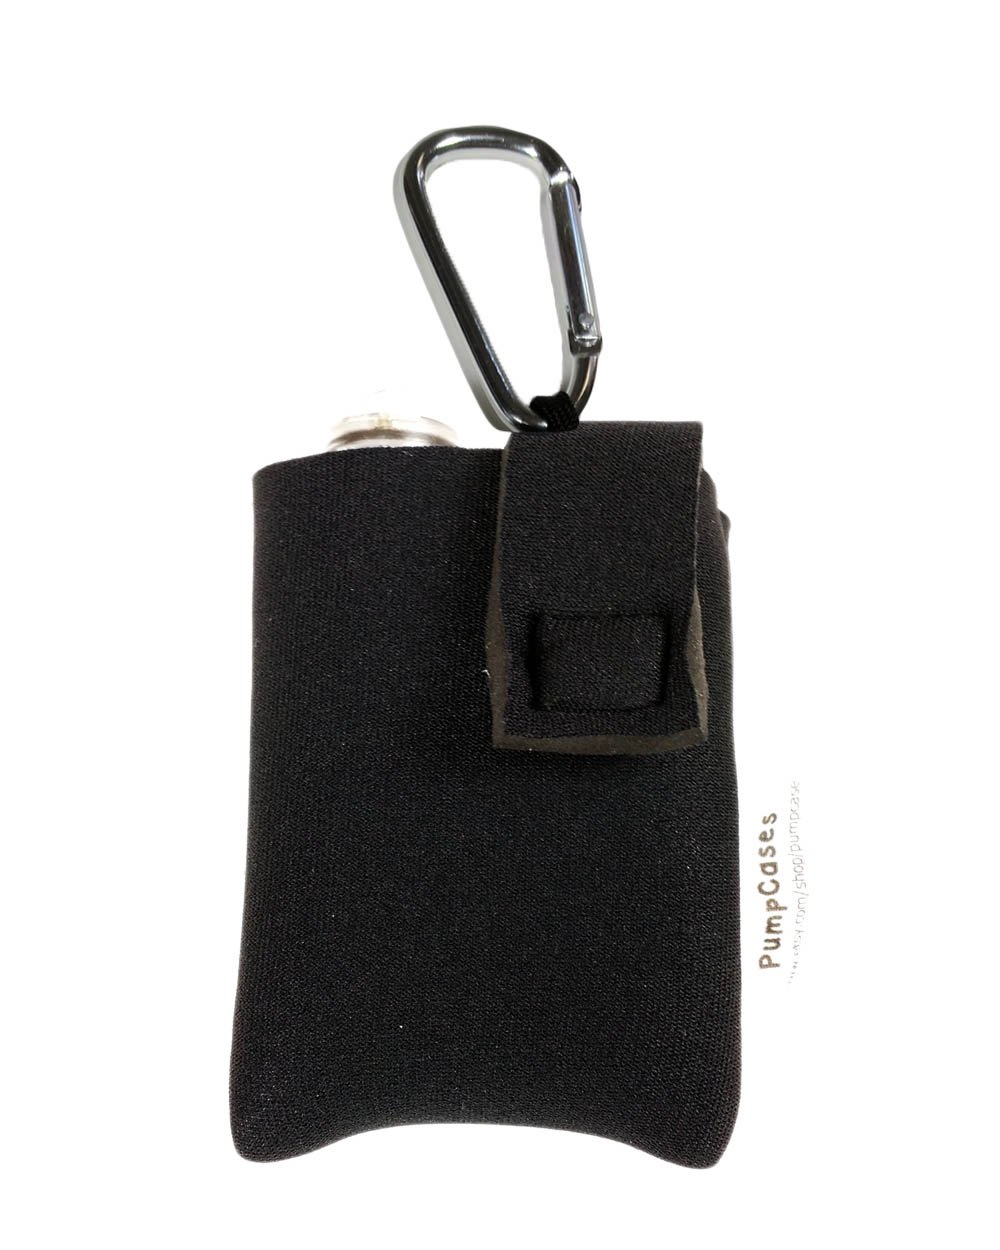 Black 4mm Insulated Neoprene Diabetic Insulin Pump Case (t:slim, Black w/ Clip)